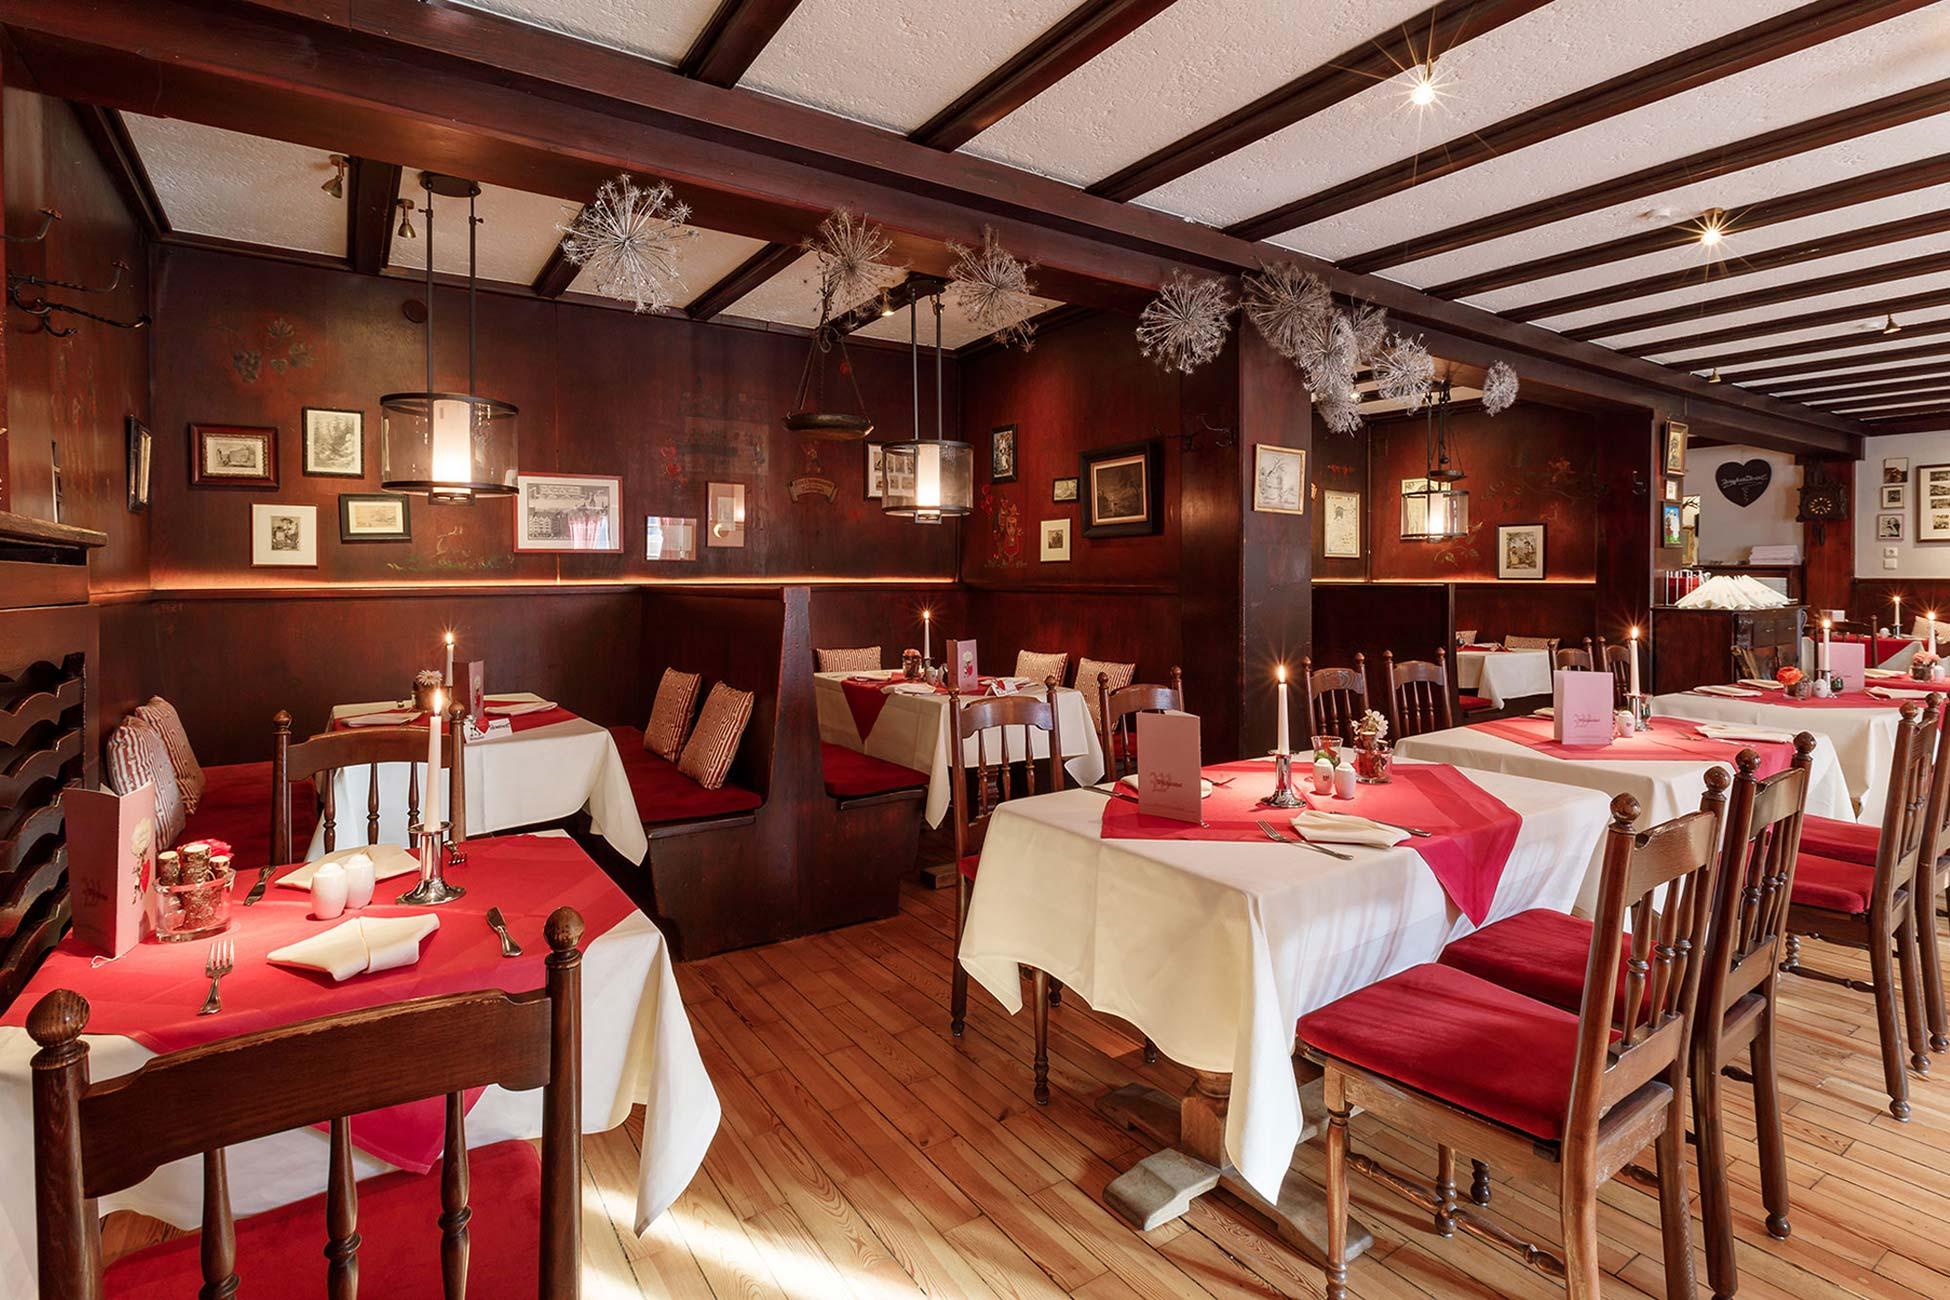 Restaurant Weichandhof In Munchen Obermenzing